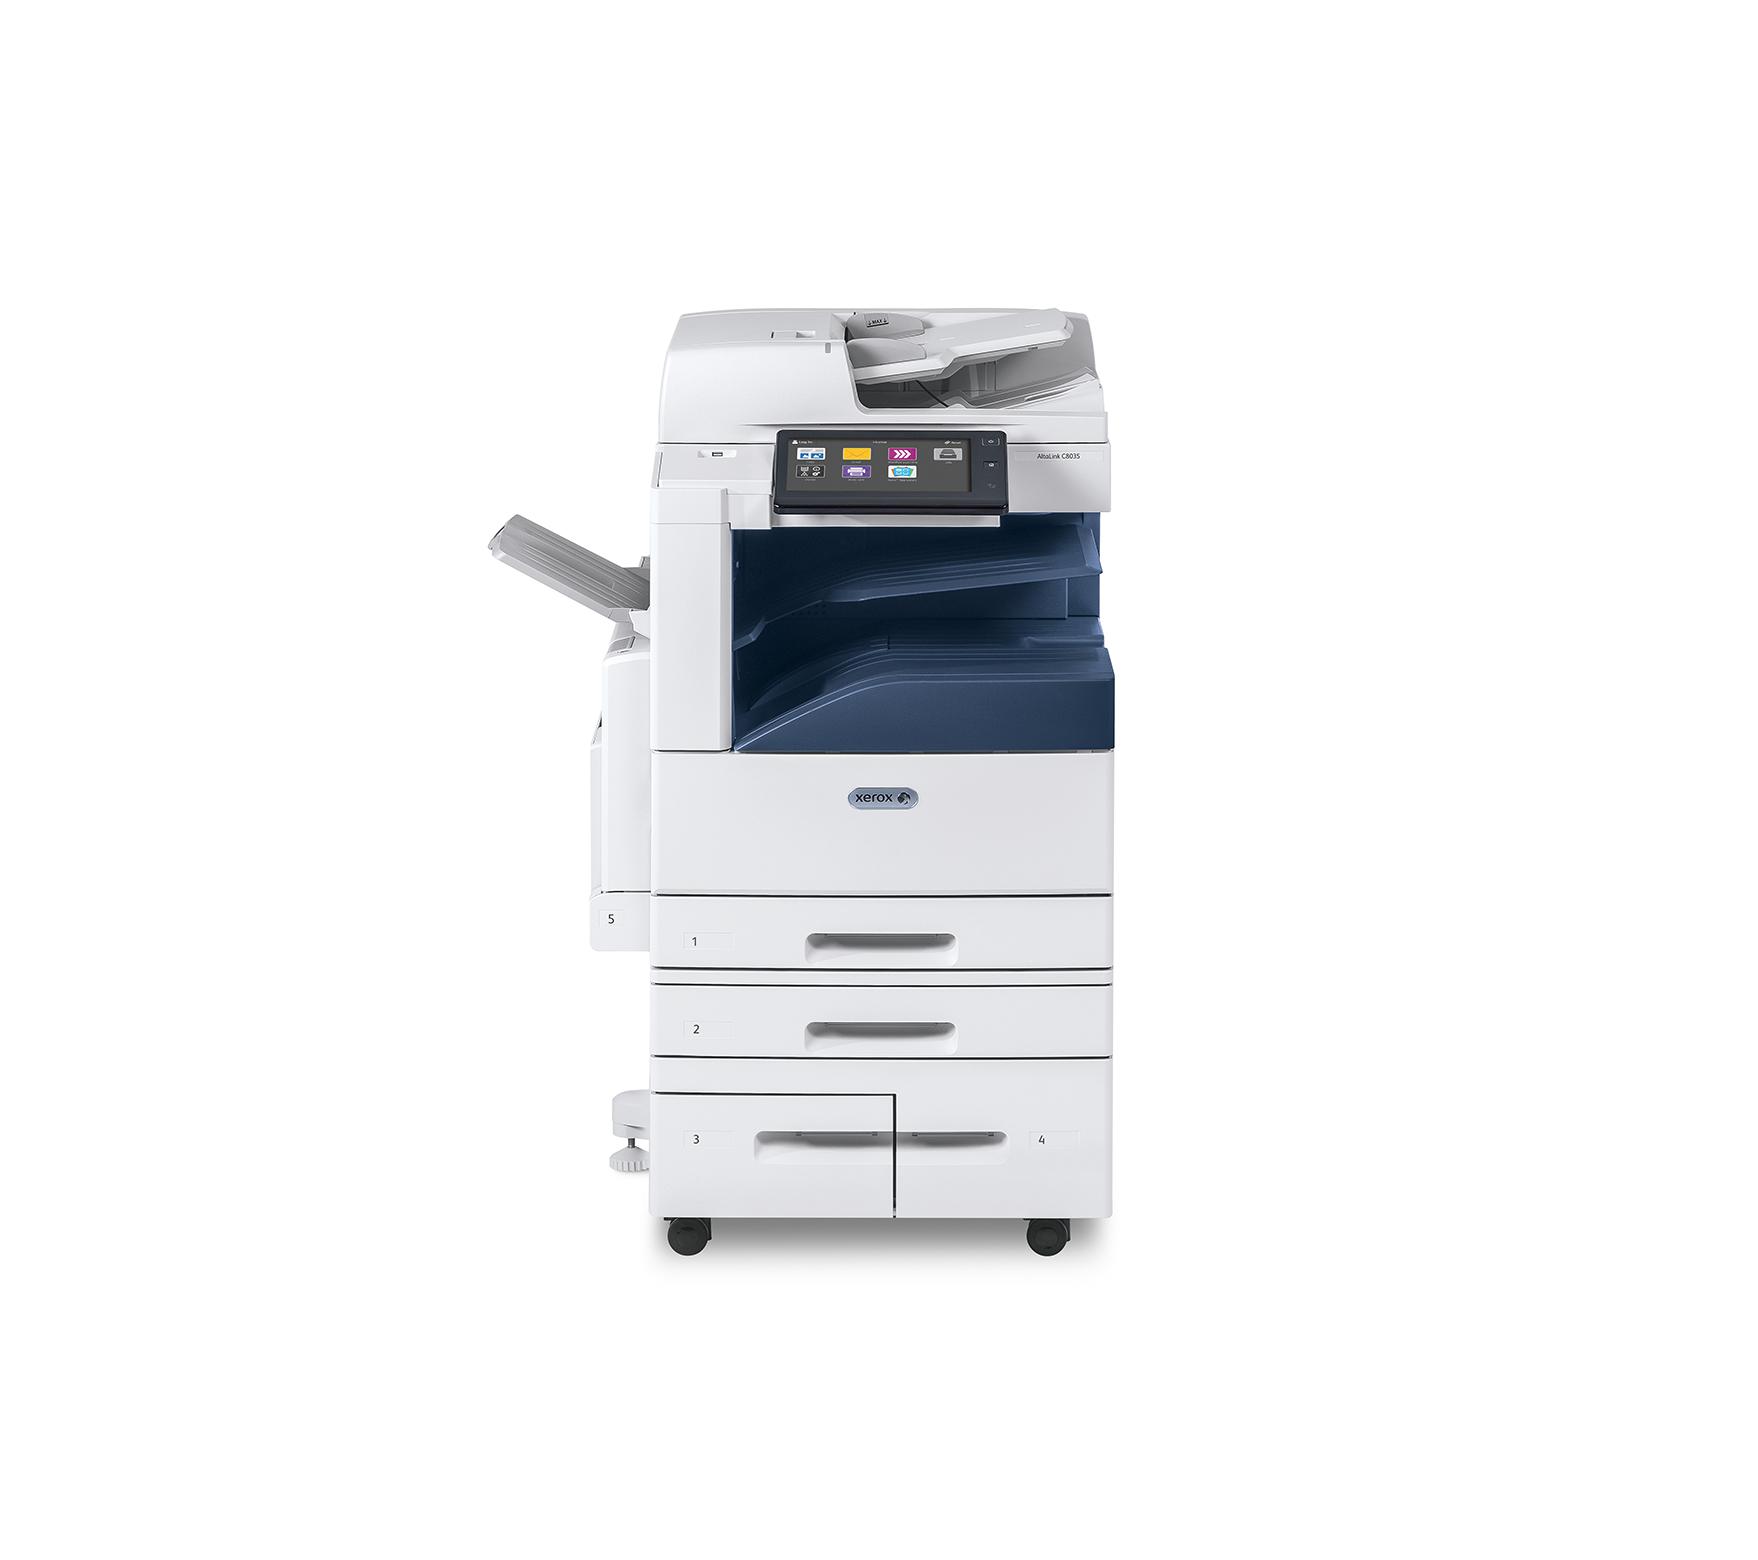 Impressora Xerox C8030 pertencente ao aluguer impressoras